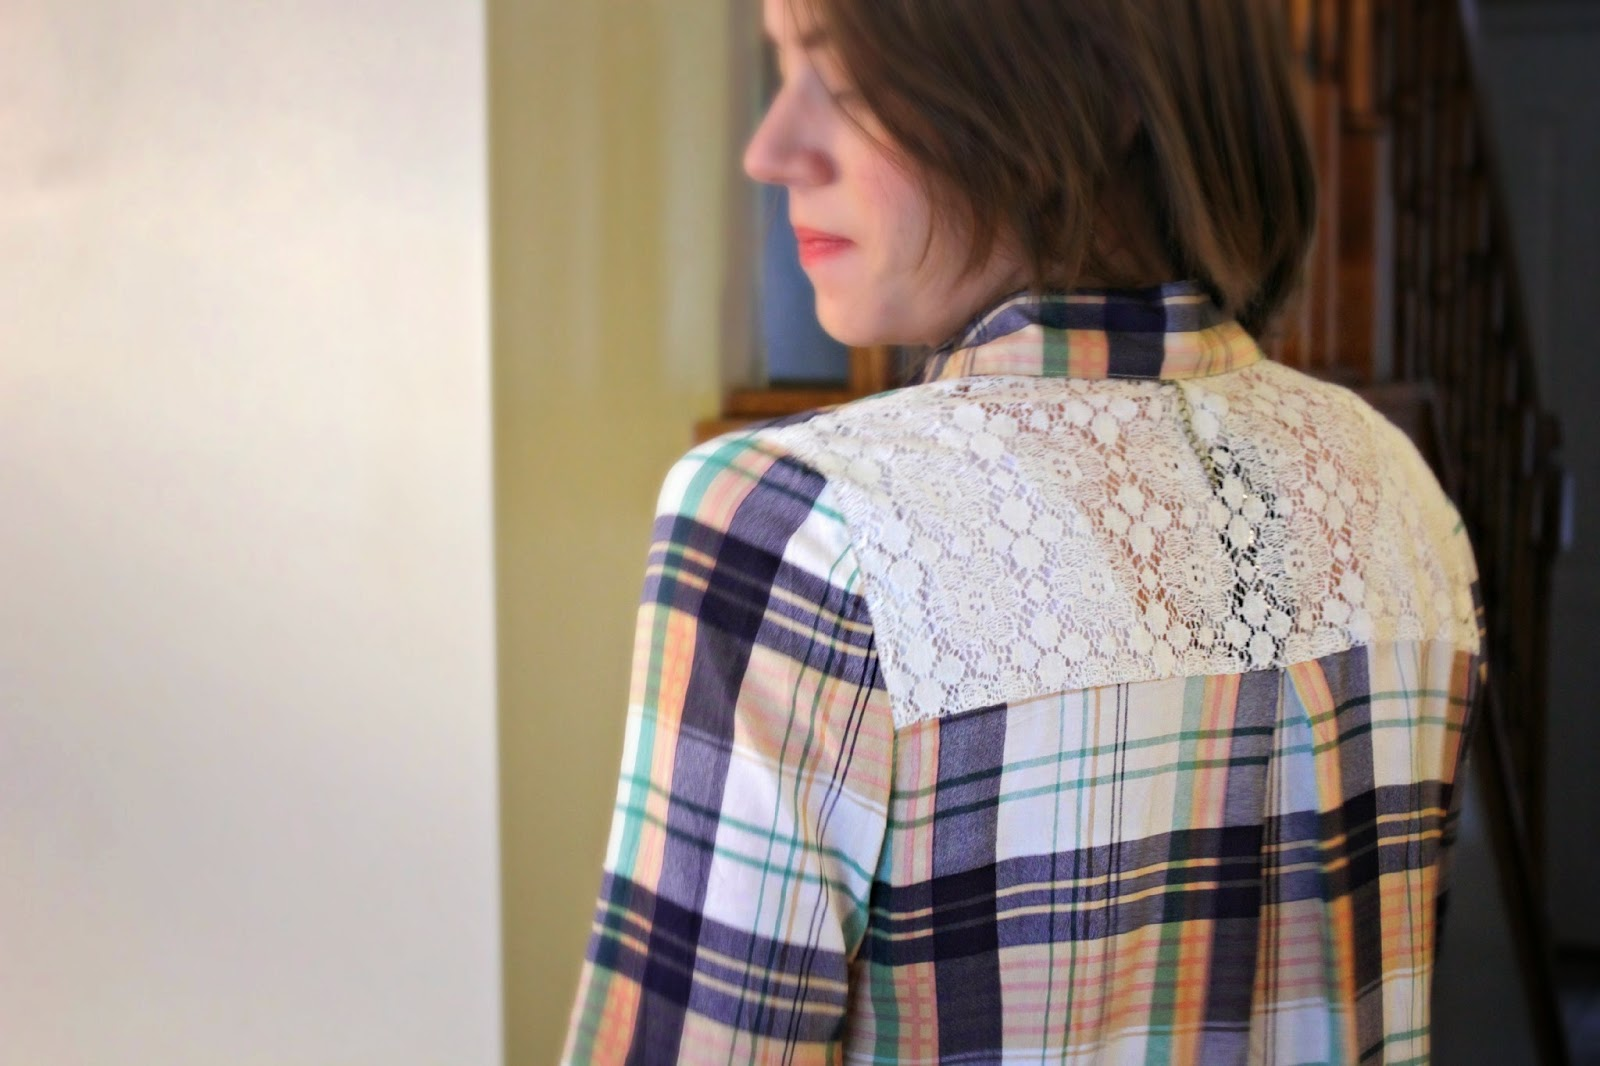 Lace Detail on Stitch Fix Plaid Top